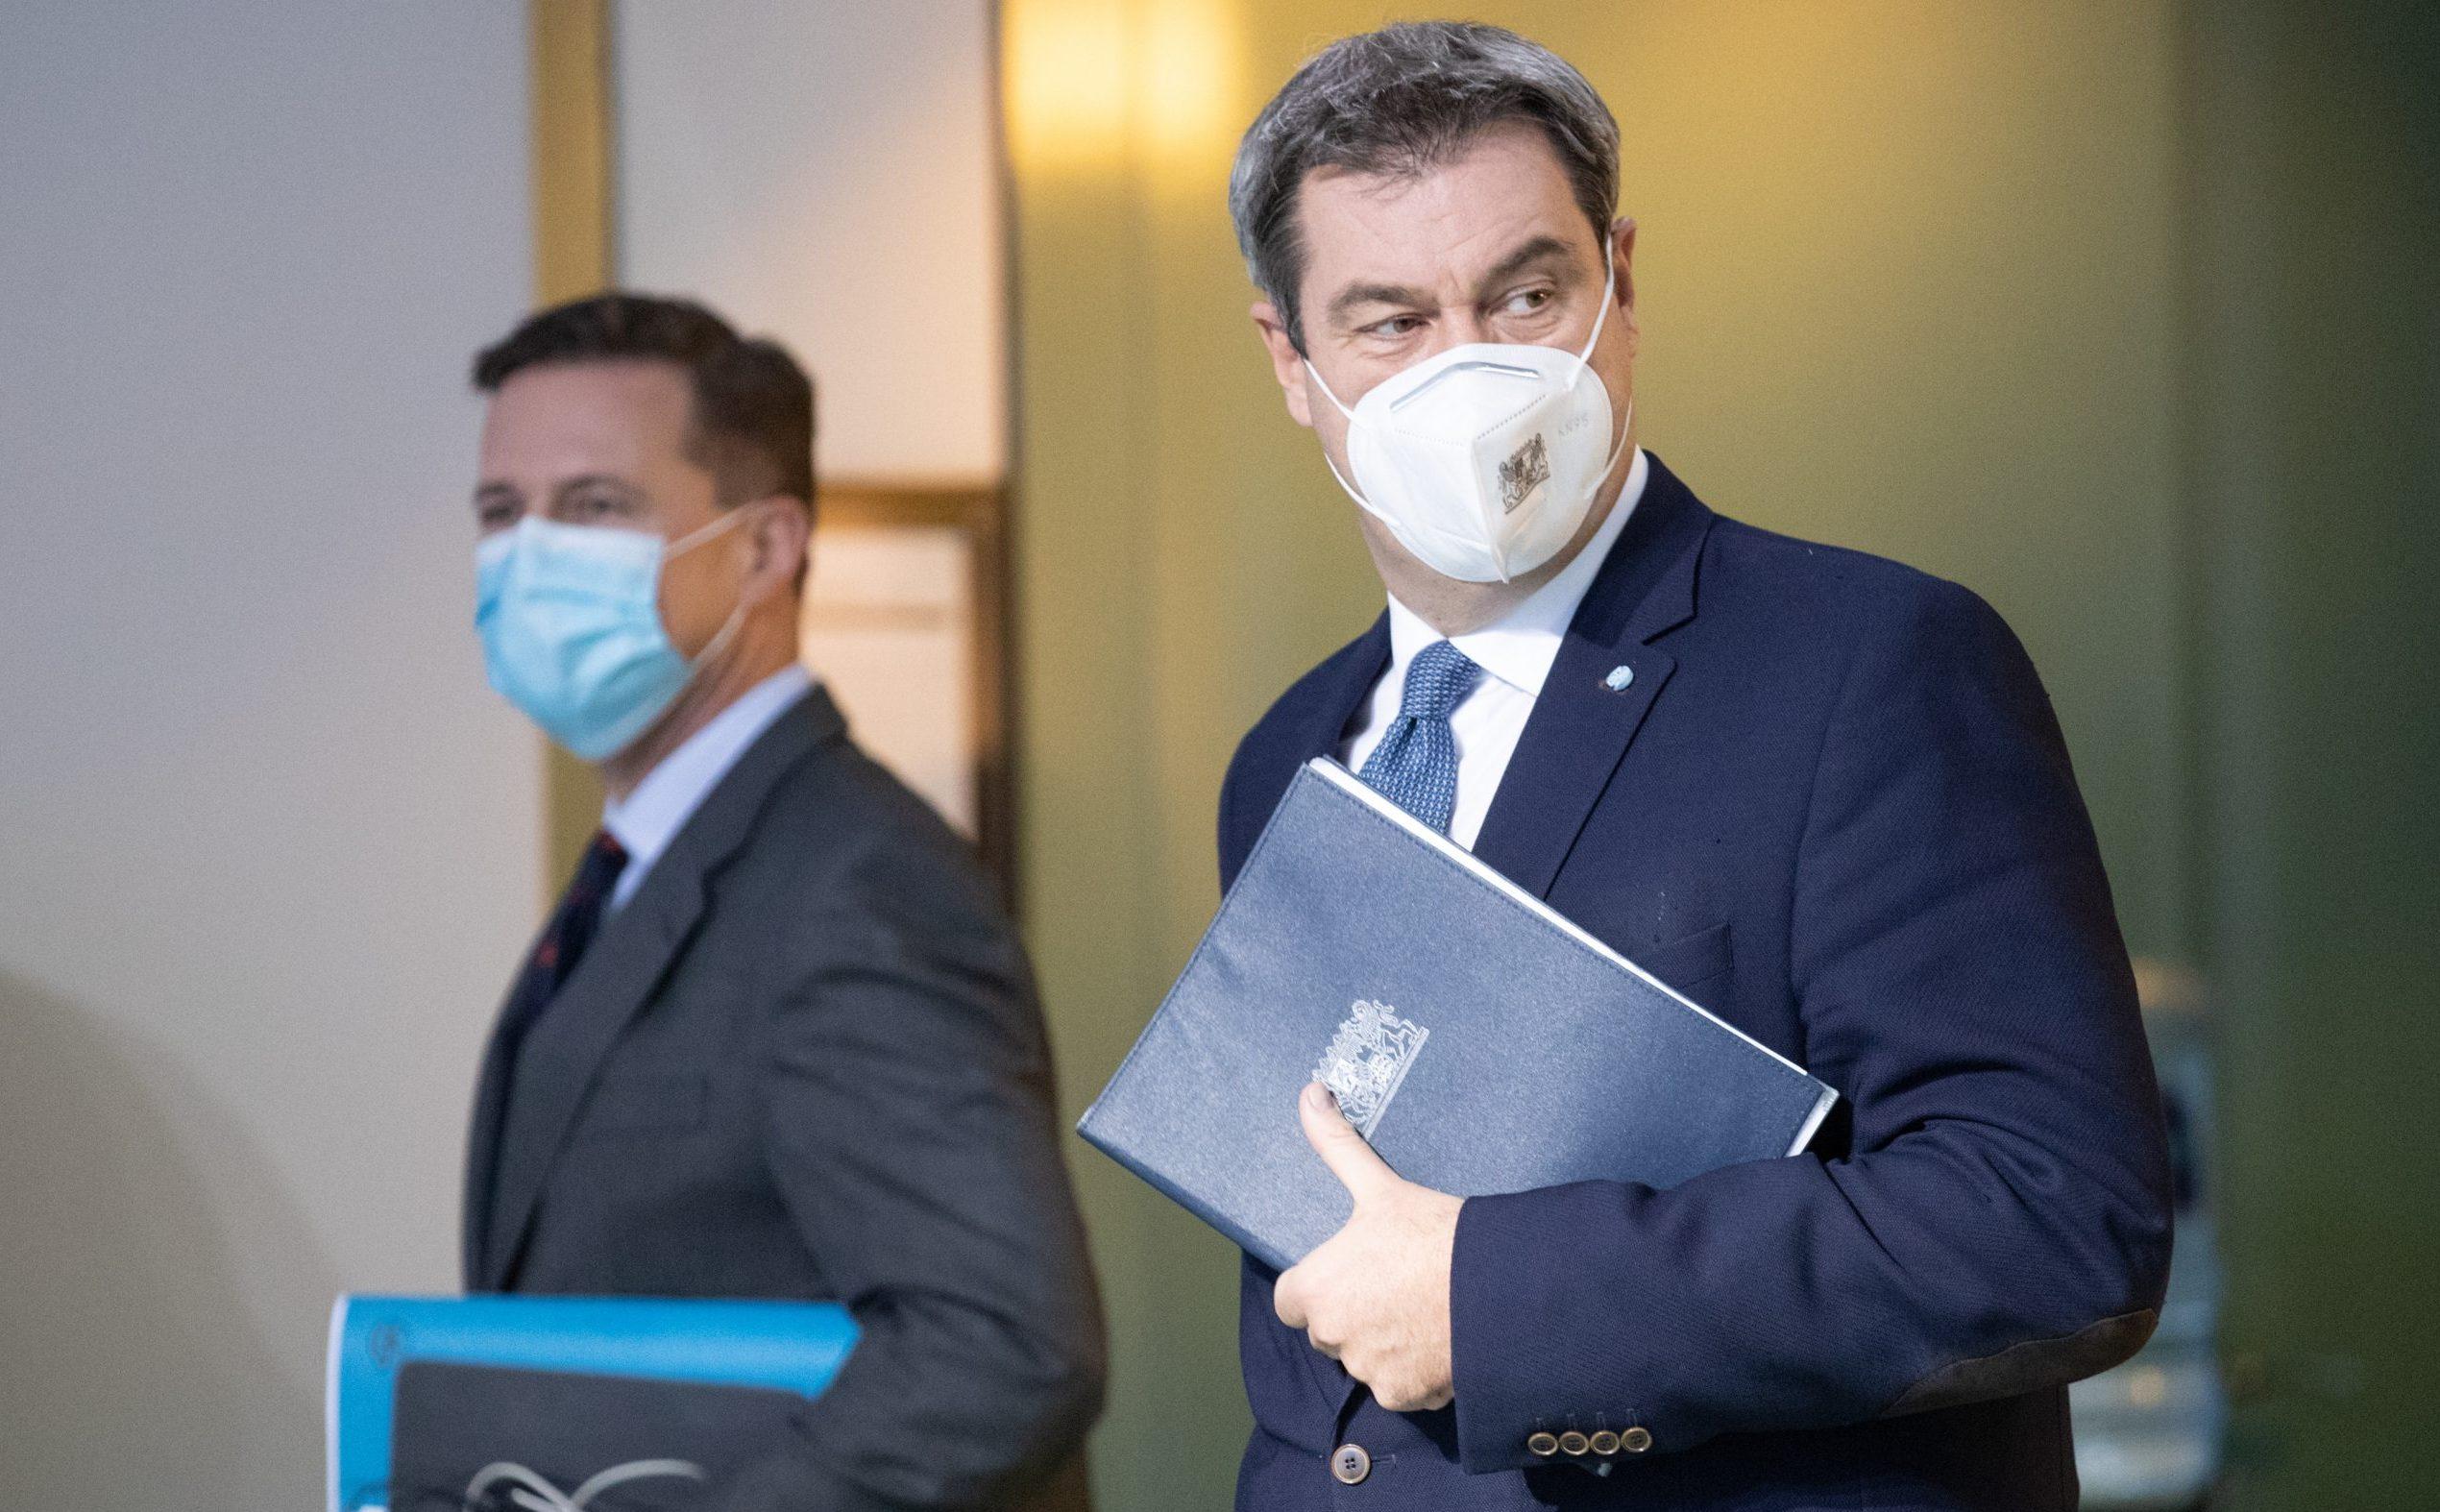 Nach Kritik an Corona-Politik: Söder lässt Prof. Lütge aus Ethikrat entfernen